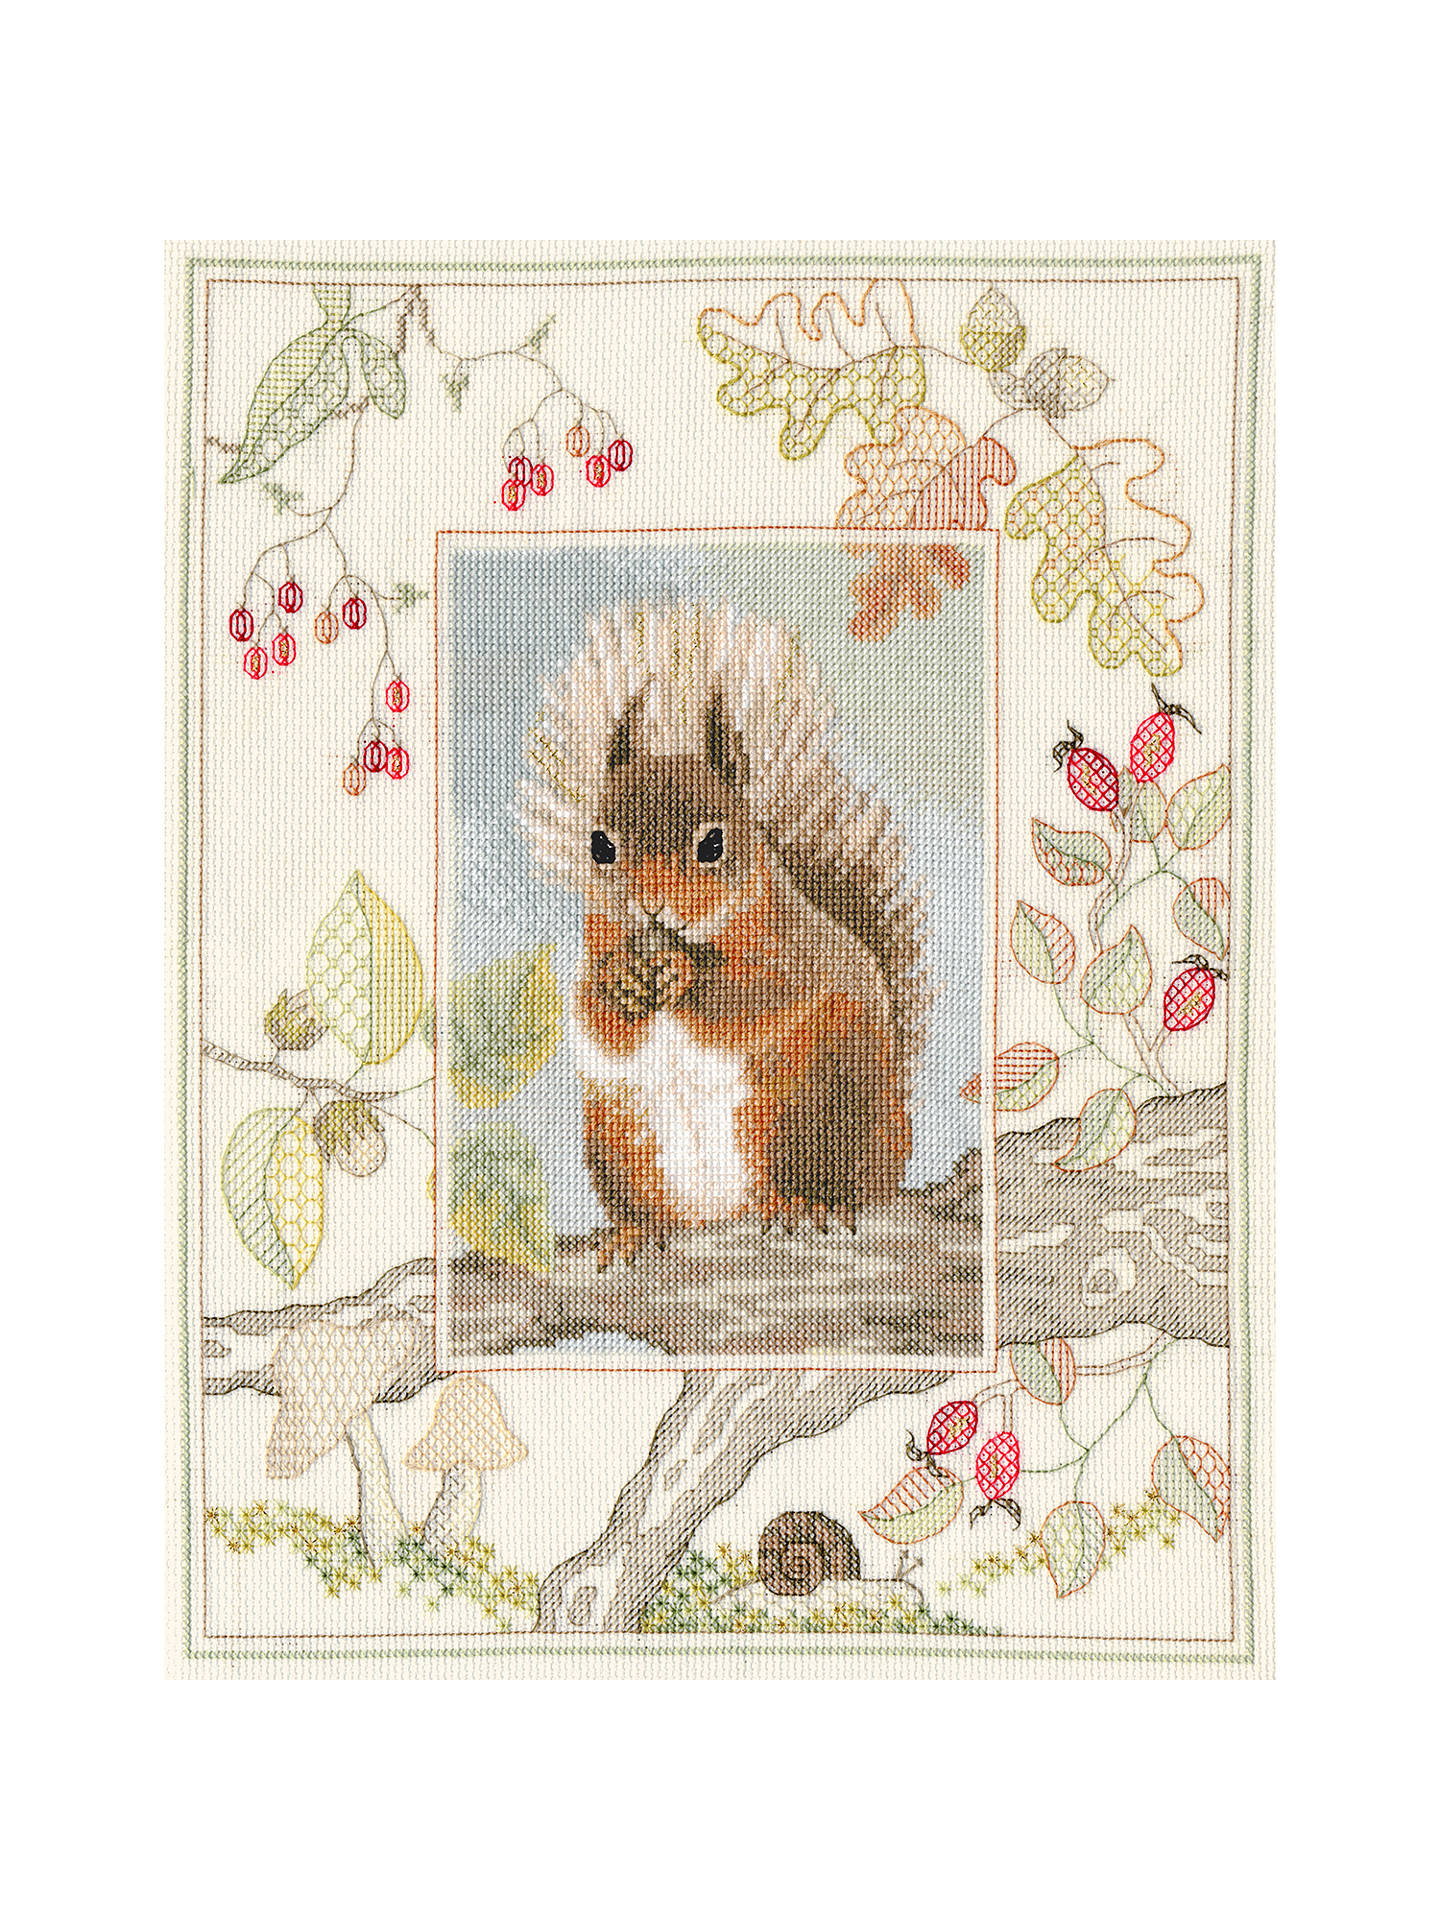 Buy Derwent Wildlife Squirrel Cross Stitch Kit Online at johnlewis.com